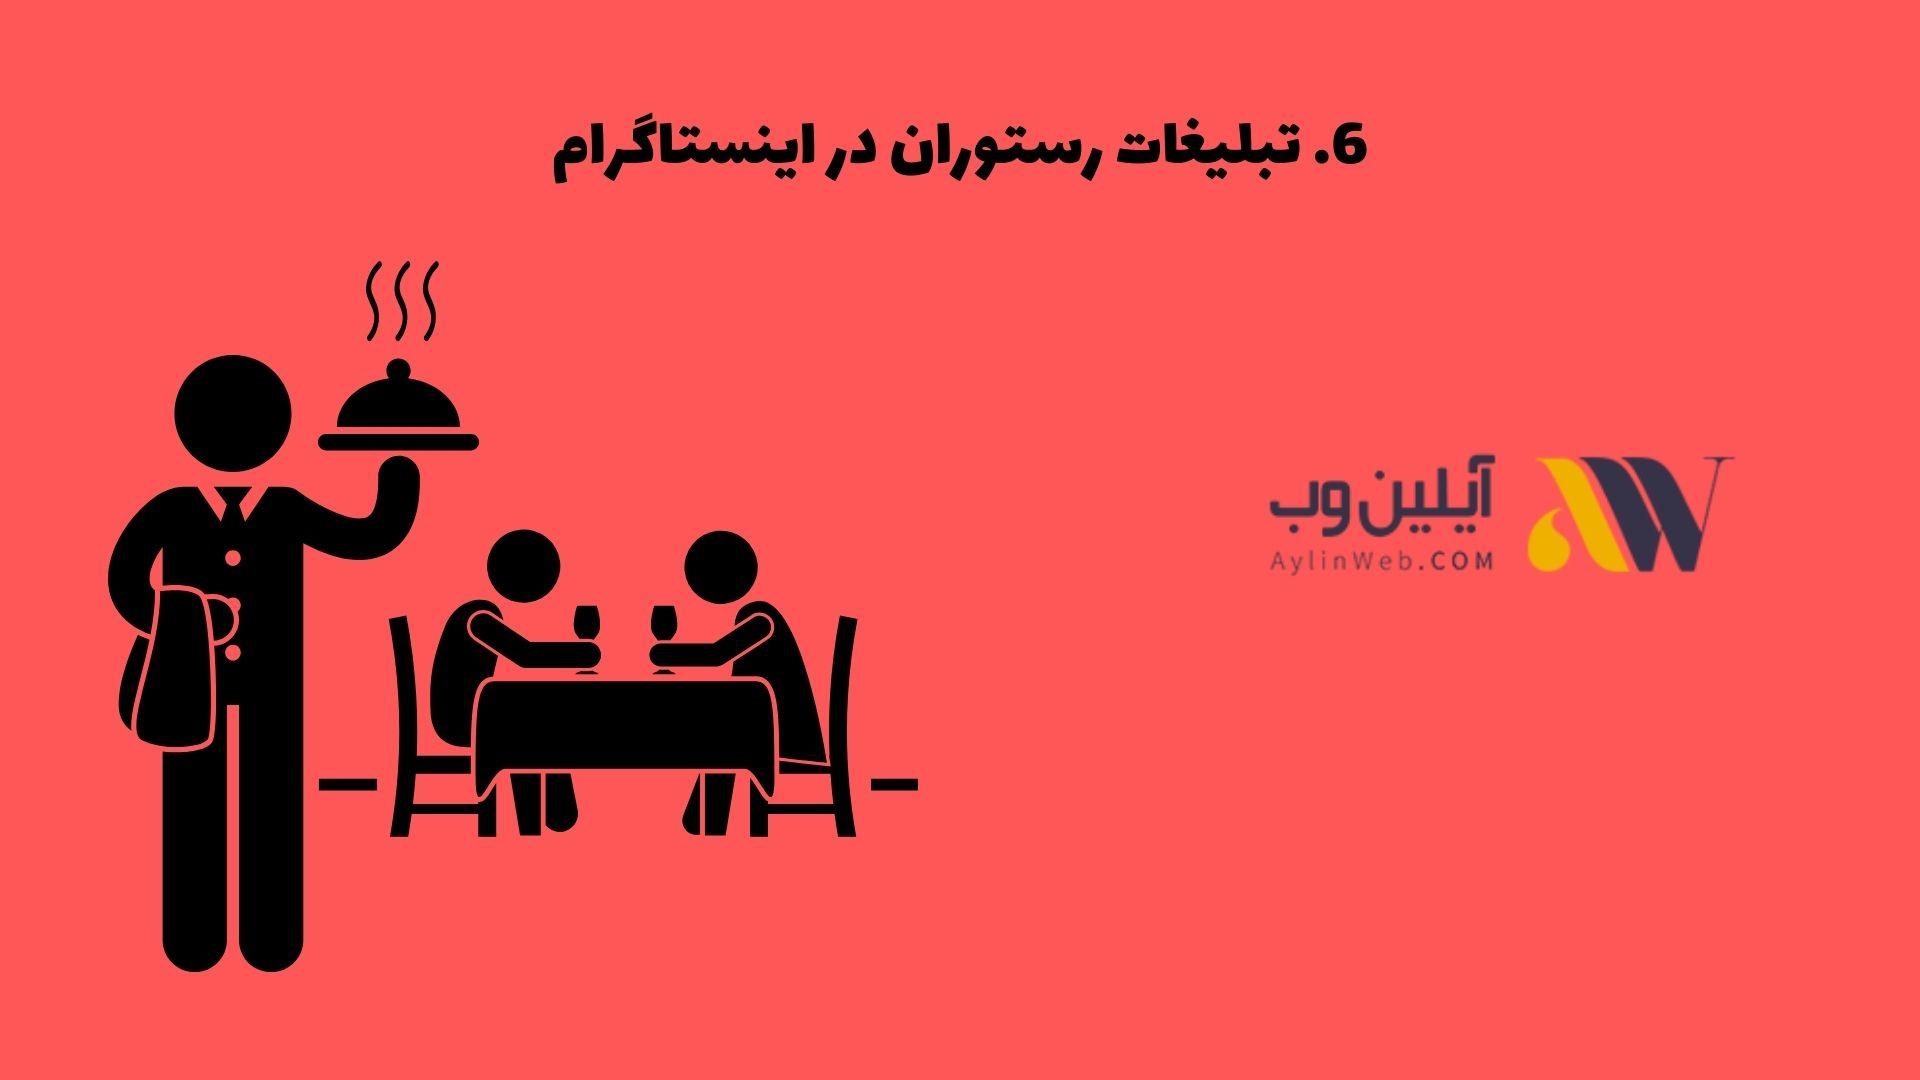 تبلیغات رستوران در اینستاگرام